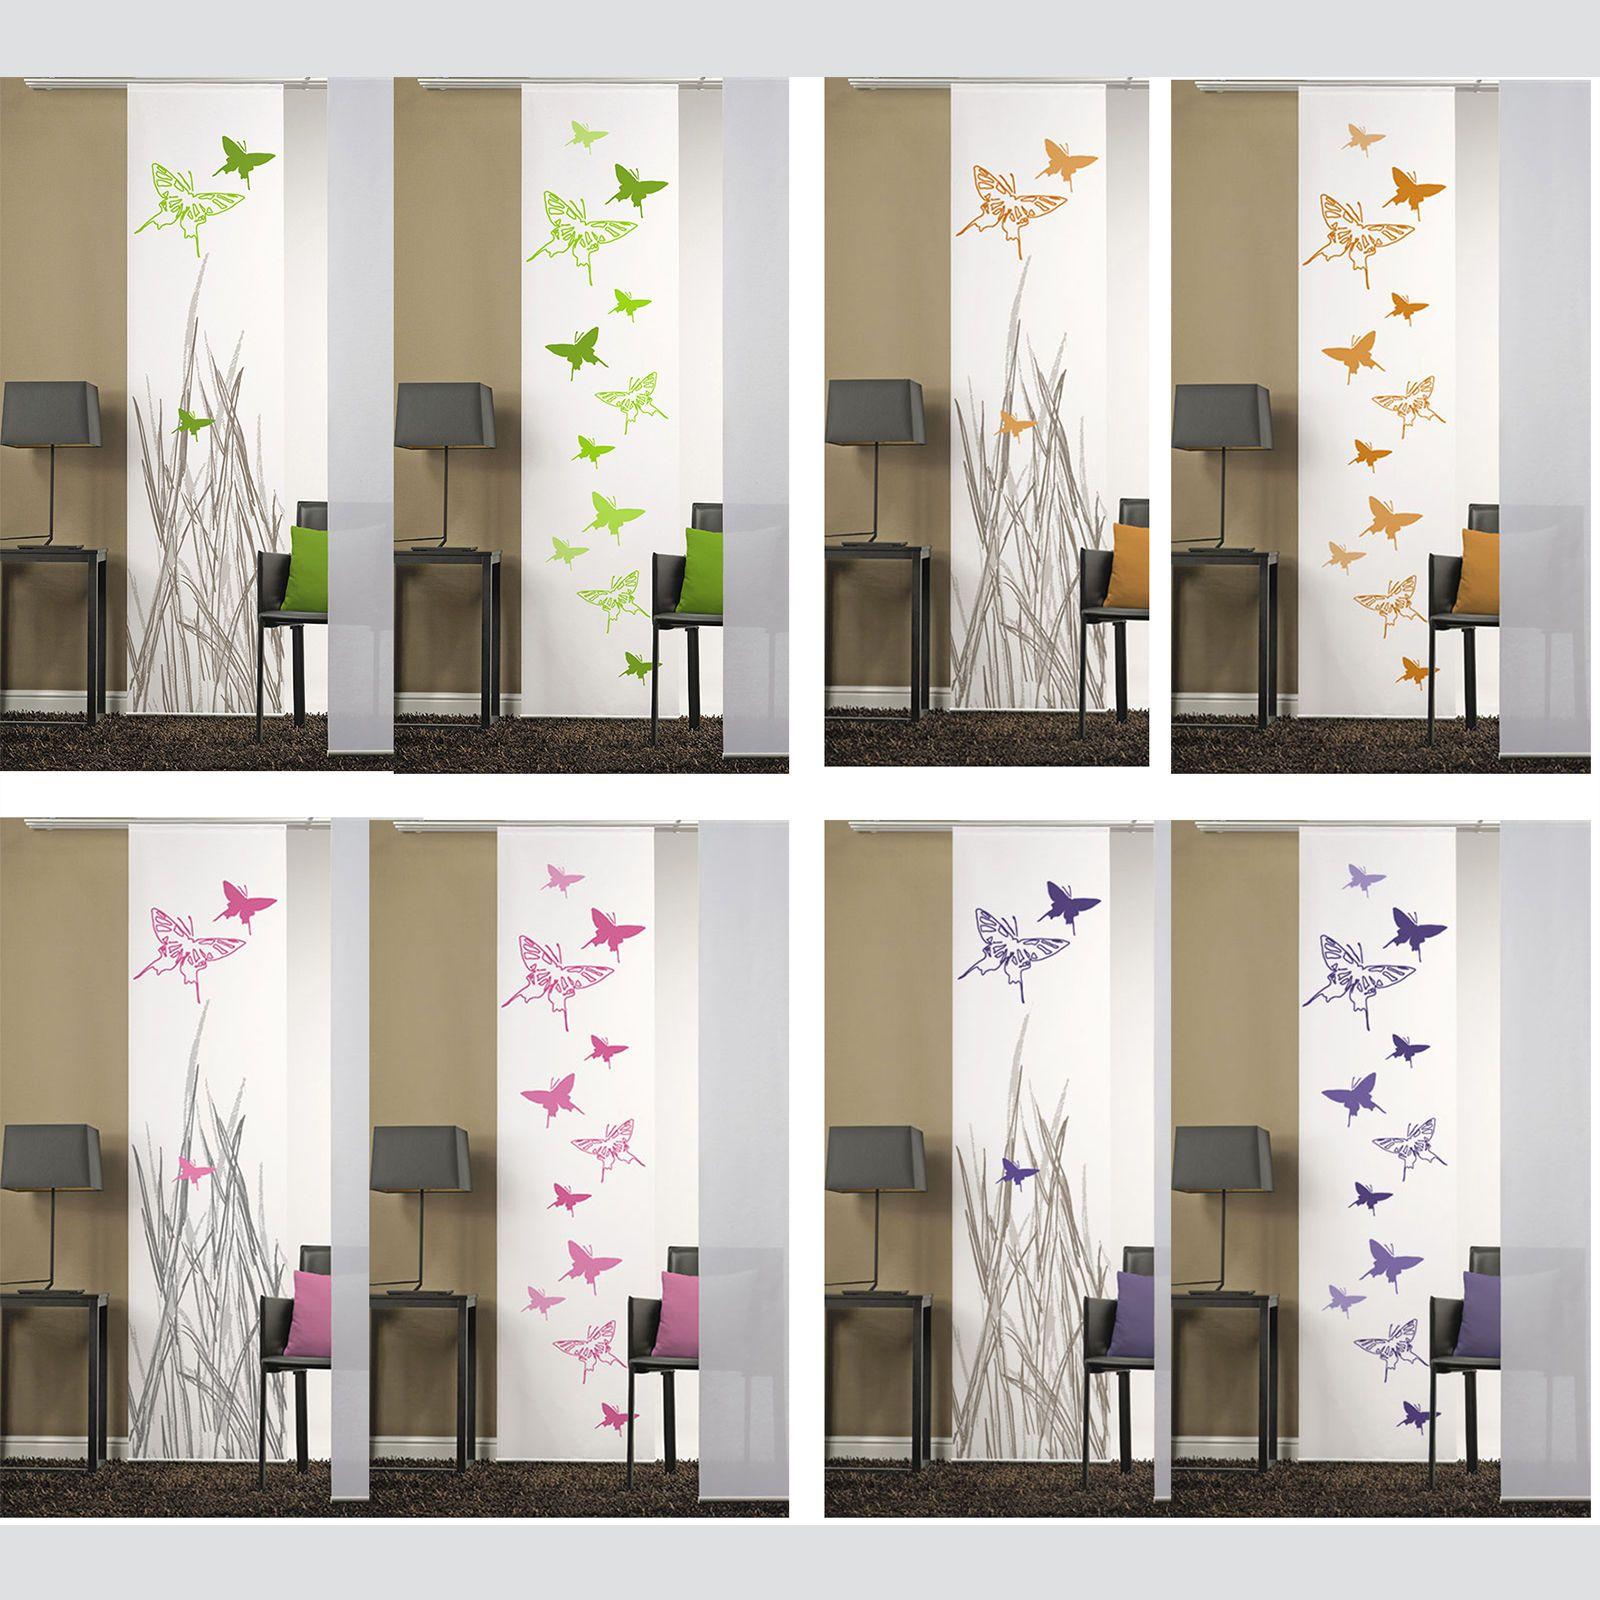 Papillons rideau coulissant panneaux chambre de s paration panneau japonais ebay panneaux - Panneau rideau coulissant ...